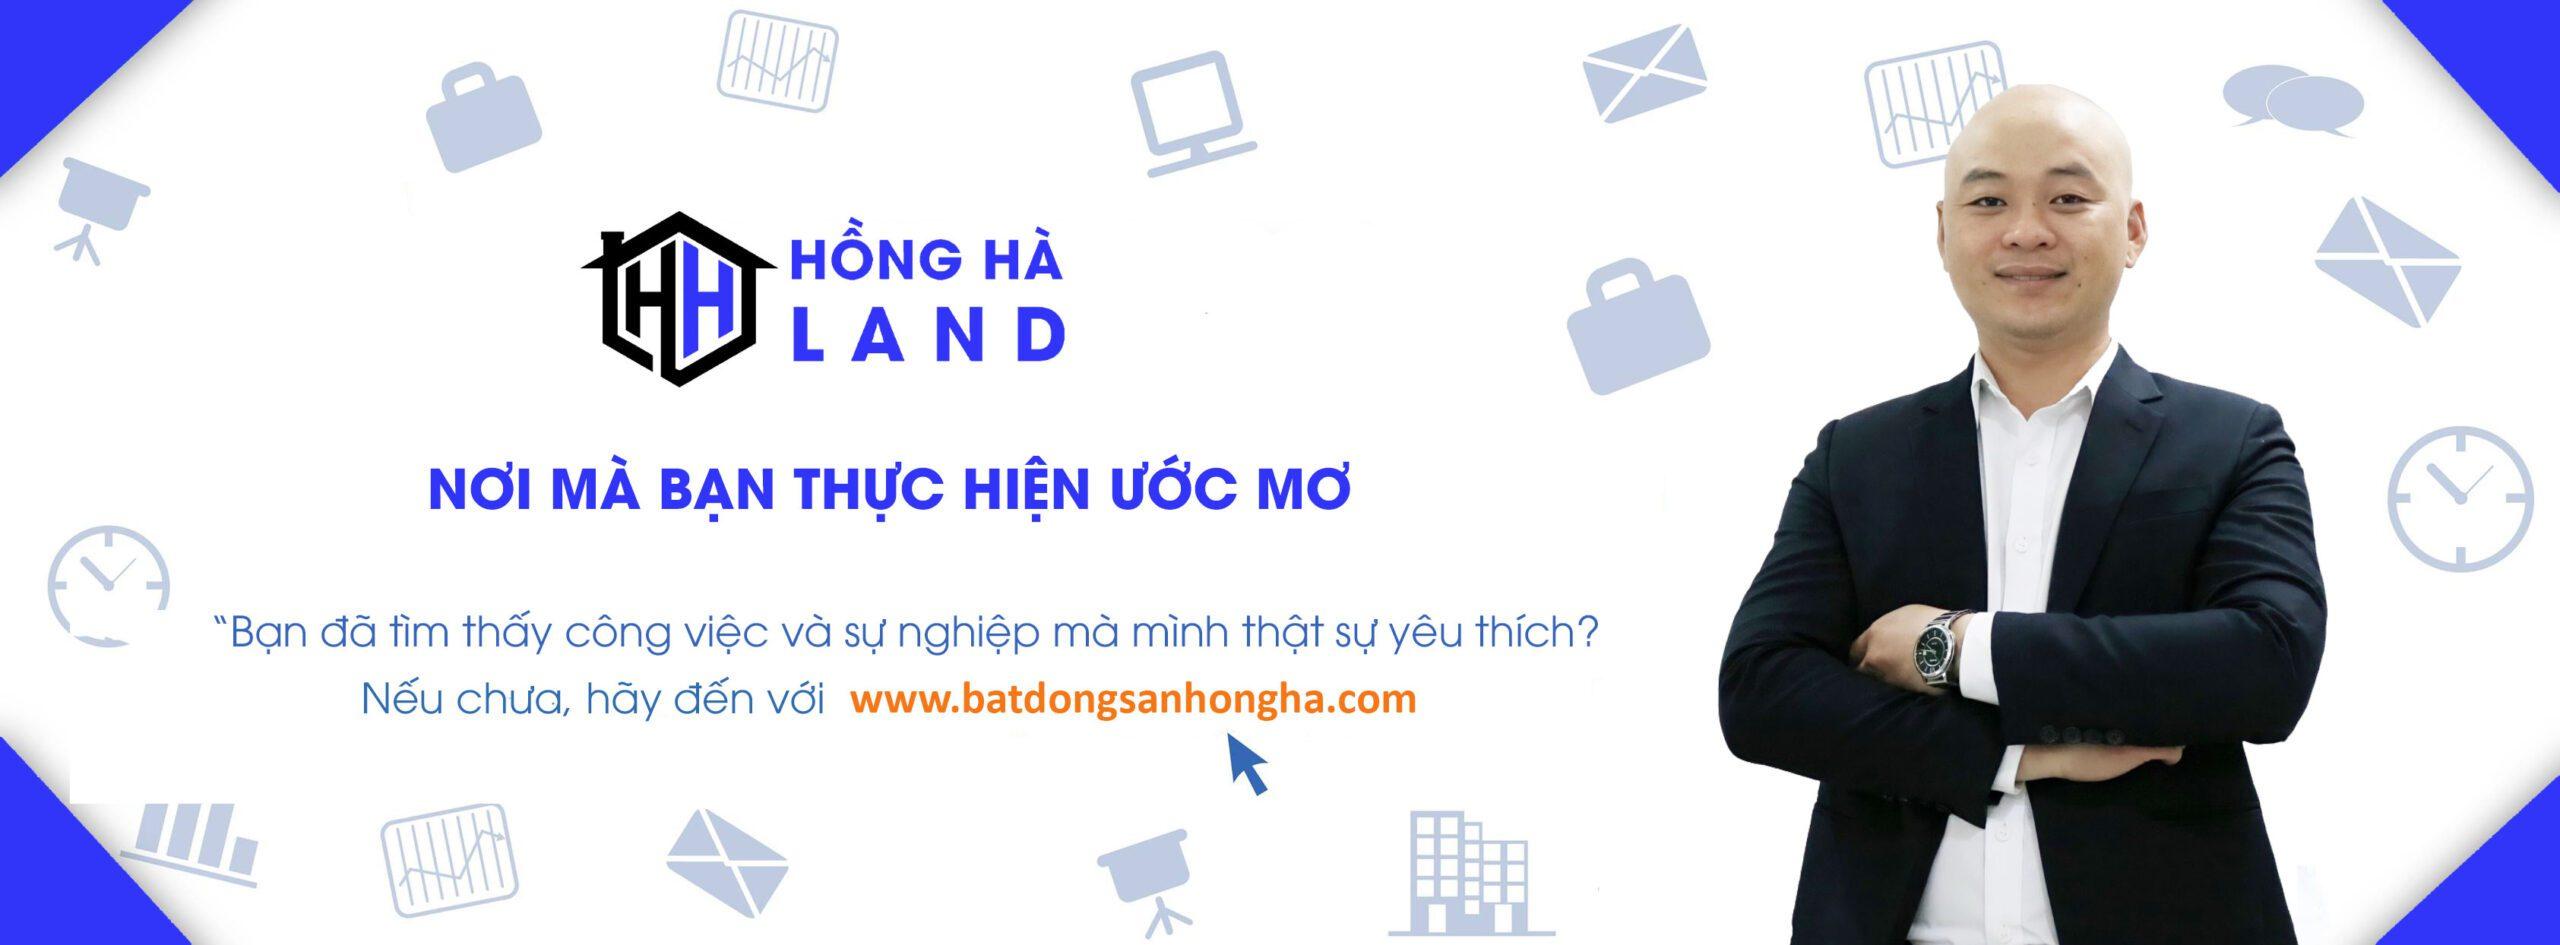 Tuyển dụng Honghaland